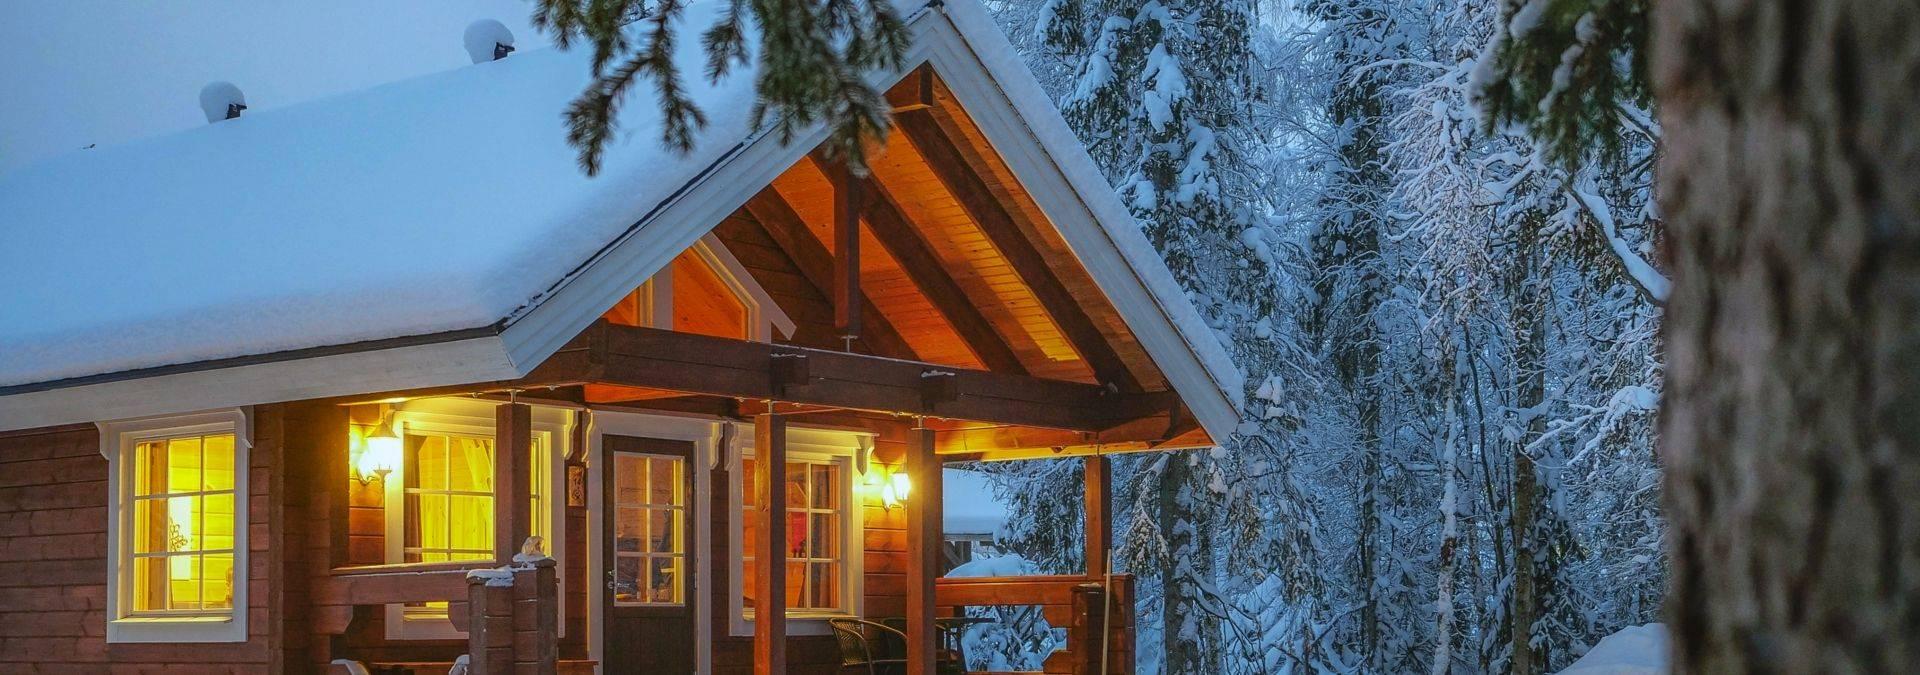 Harriniva Riverside Cabin11 Credit Antti PietikäInen